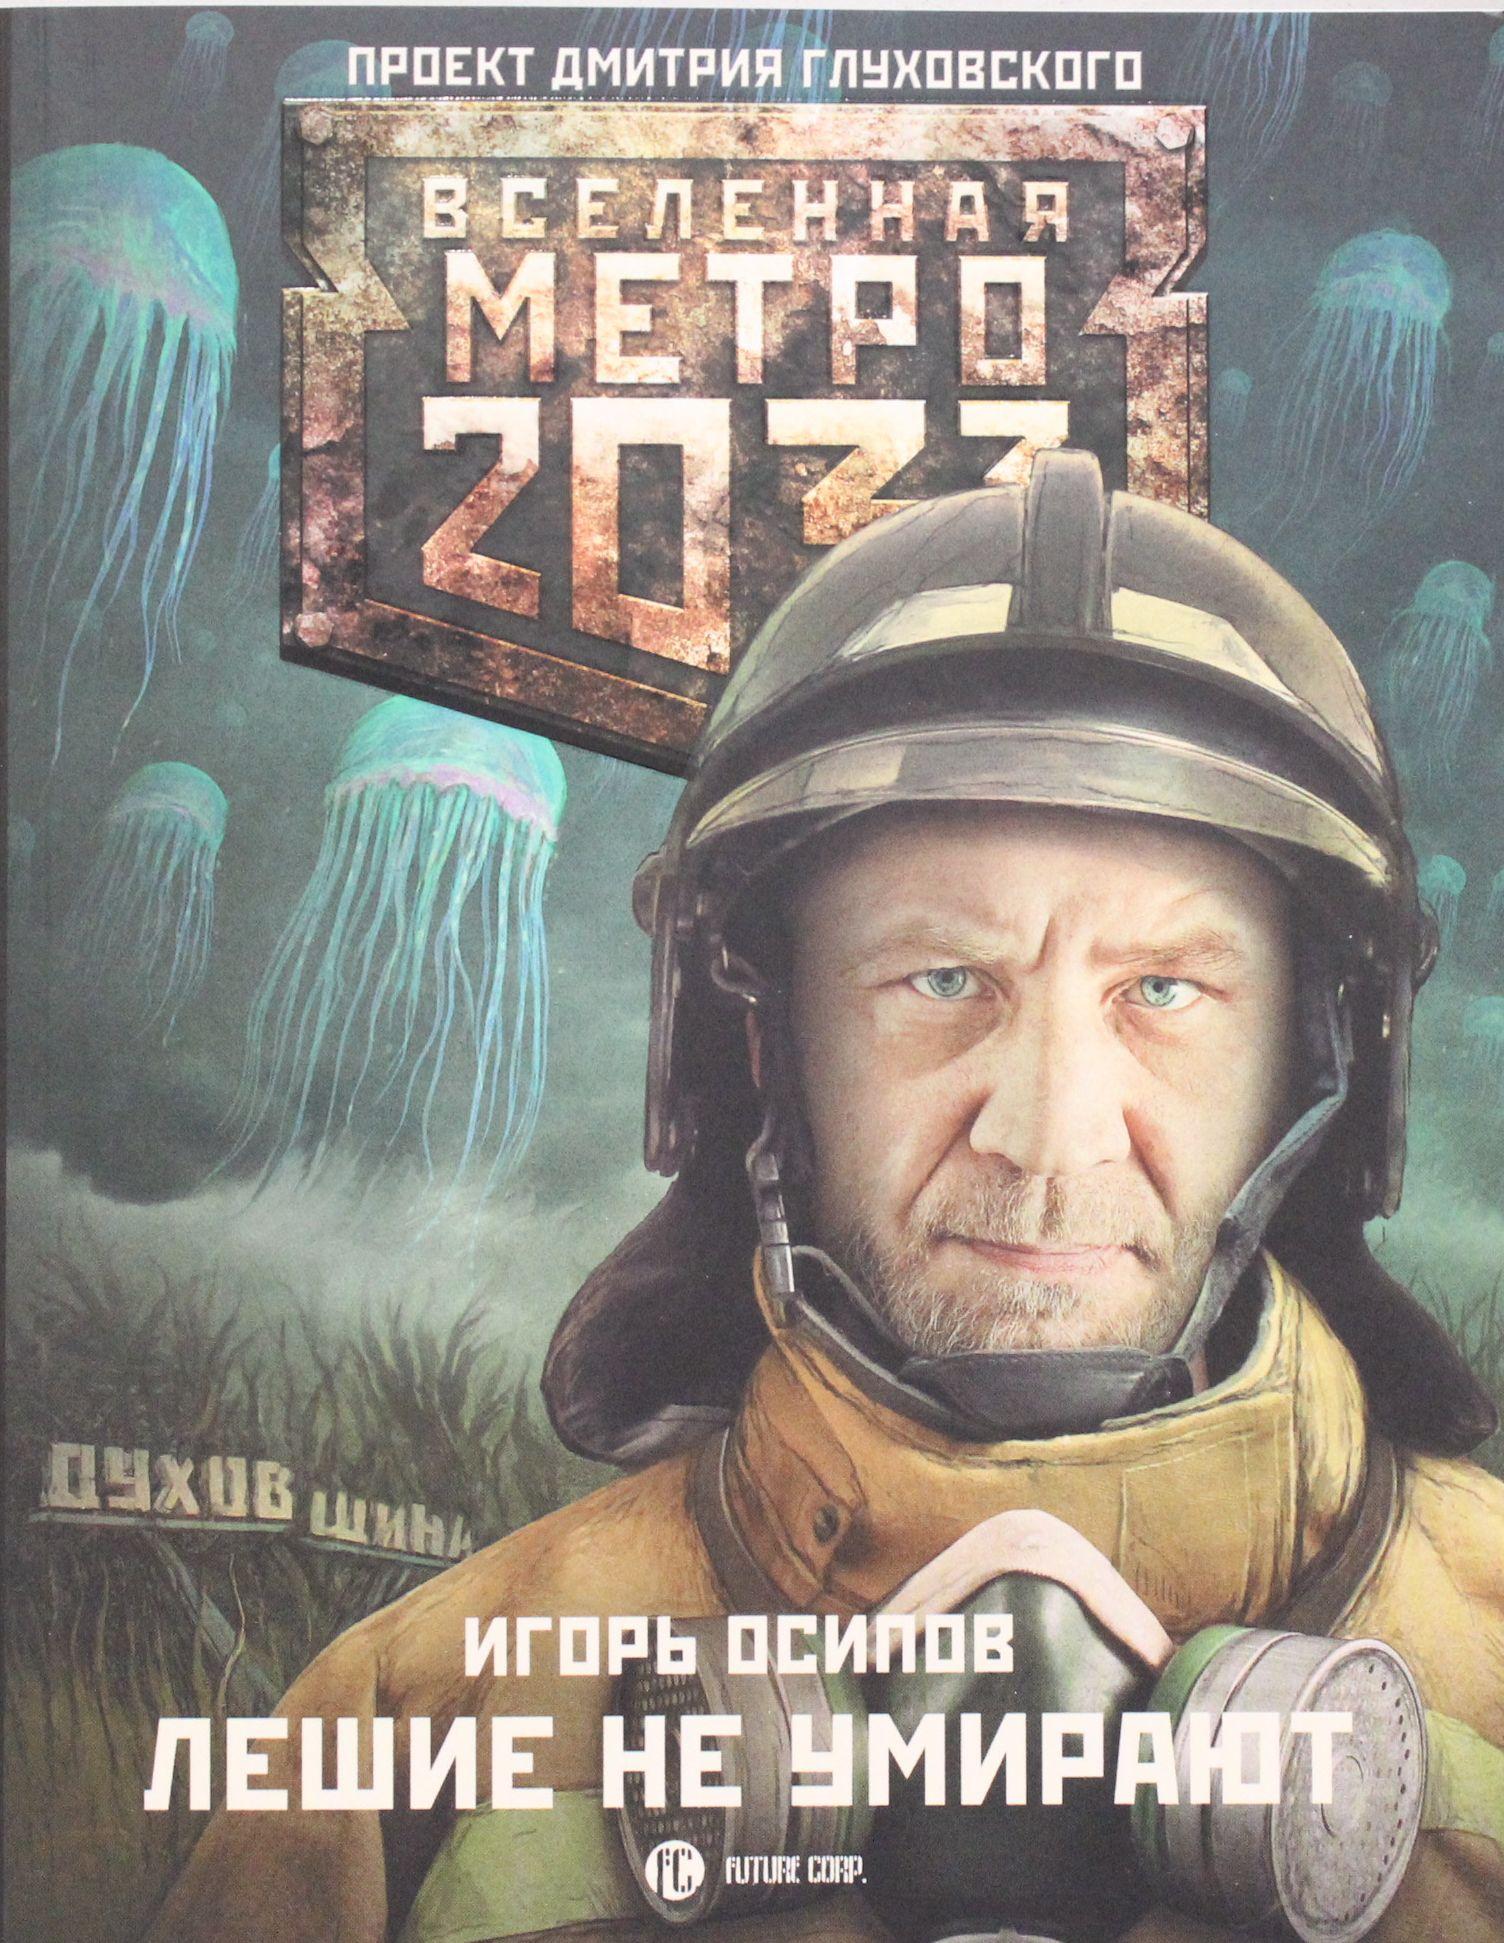 Метро 2033: Лешие не умирают